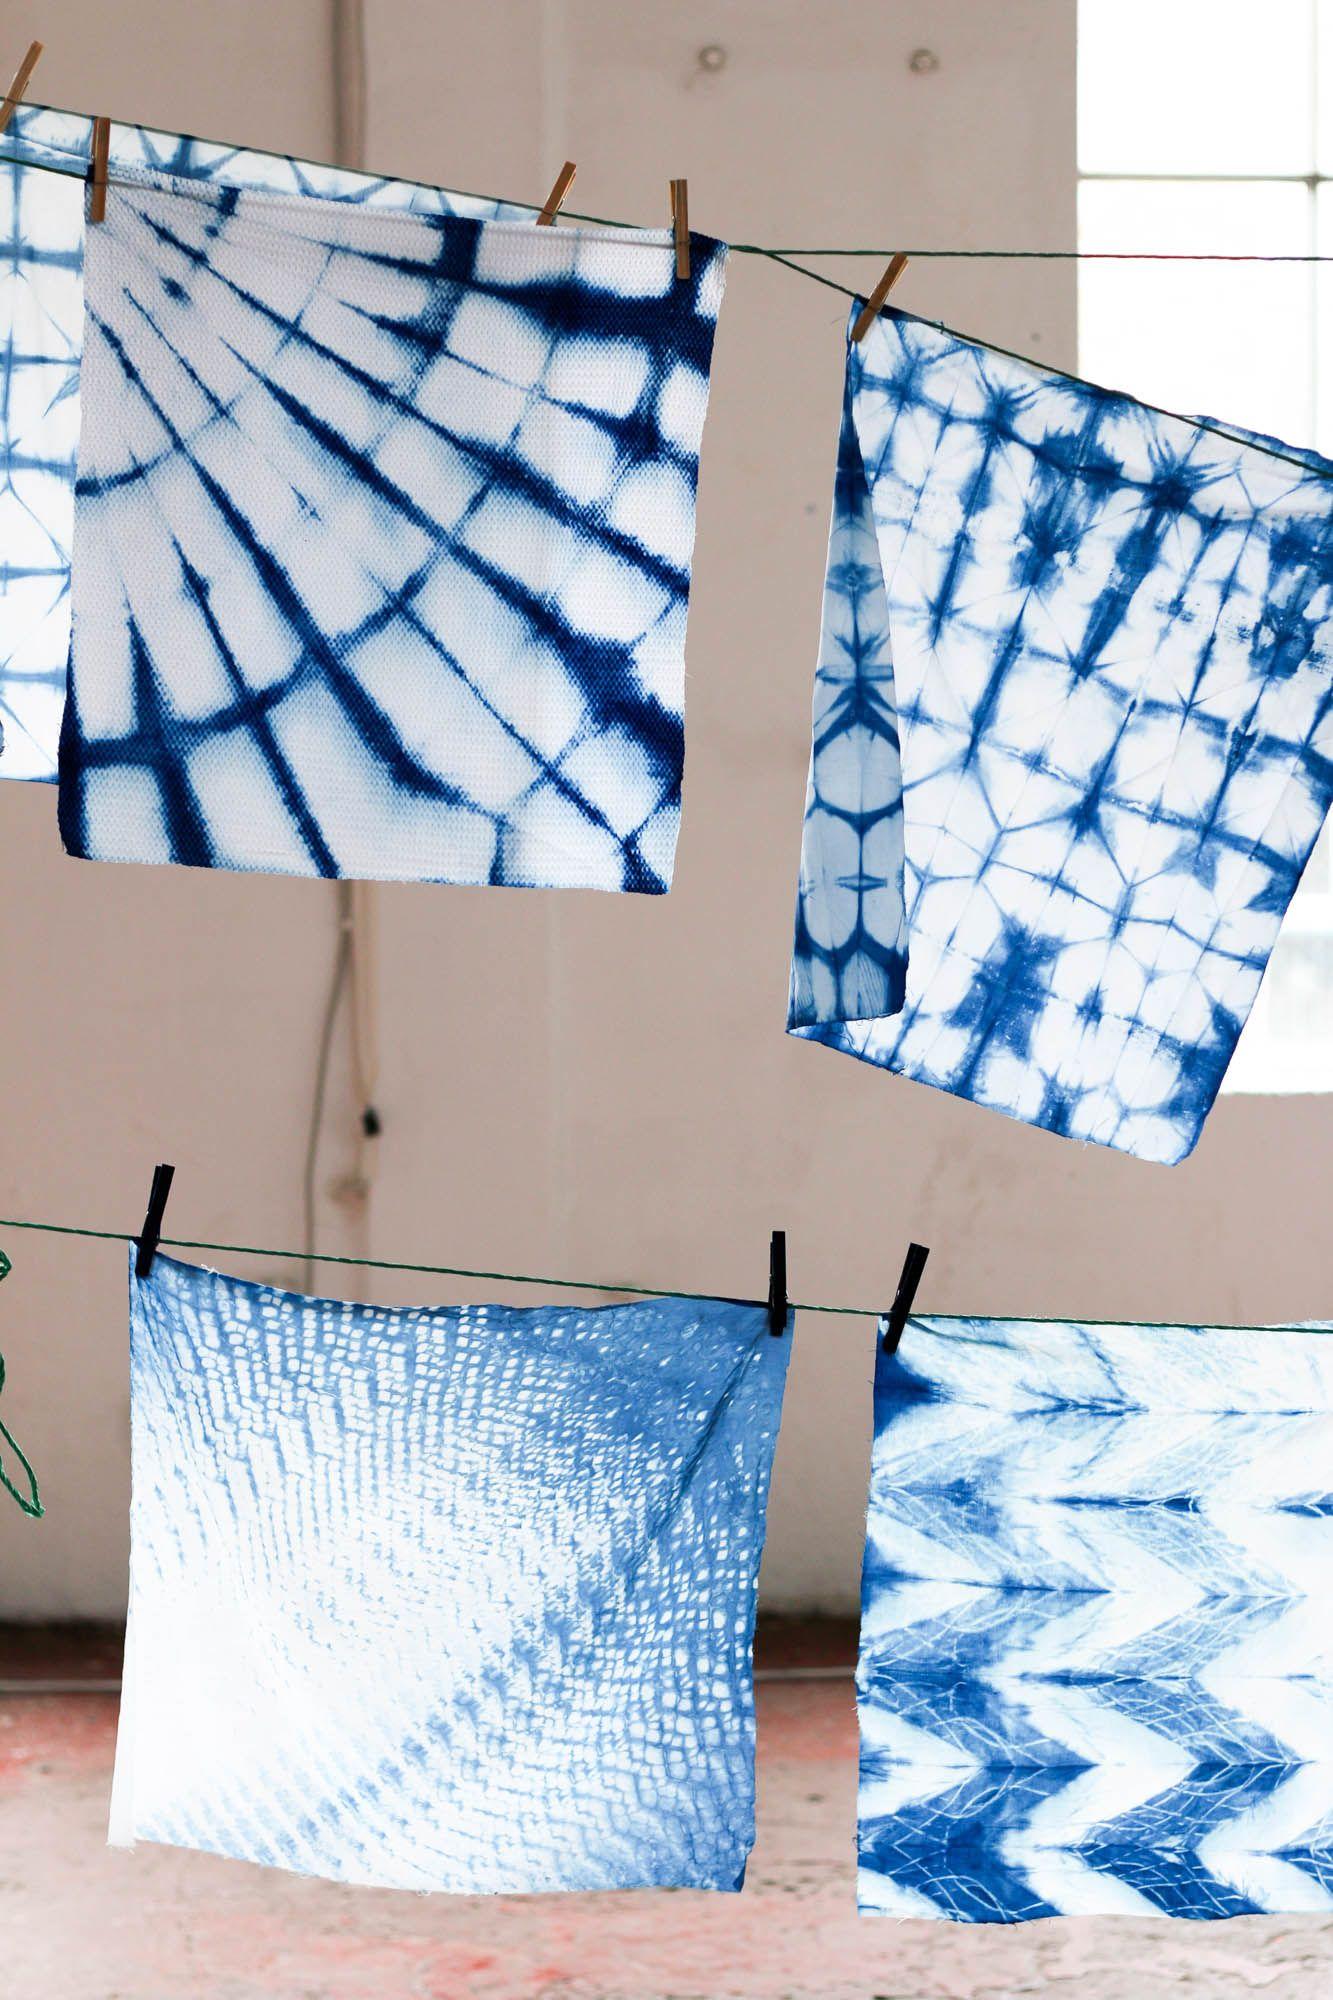 diy selber machen selbermachen shibori textilien f rben diy ideen zum wohnen textilien. Black Bedroom Furniture Sets. Home Design Ideas